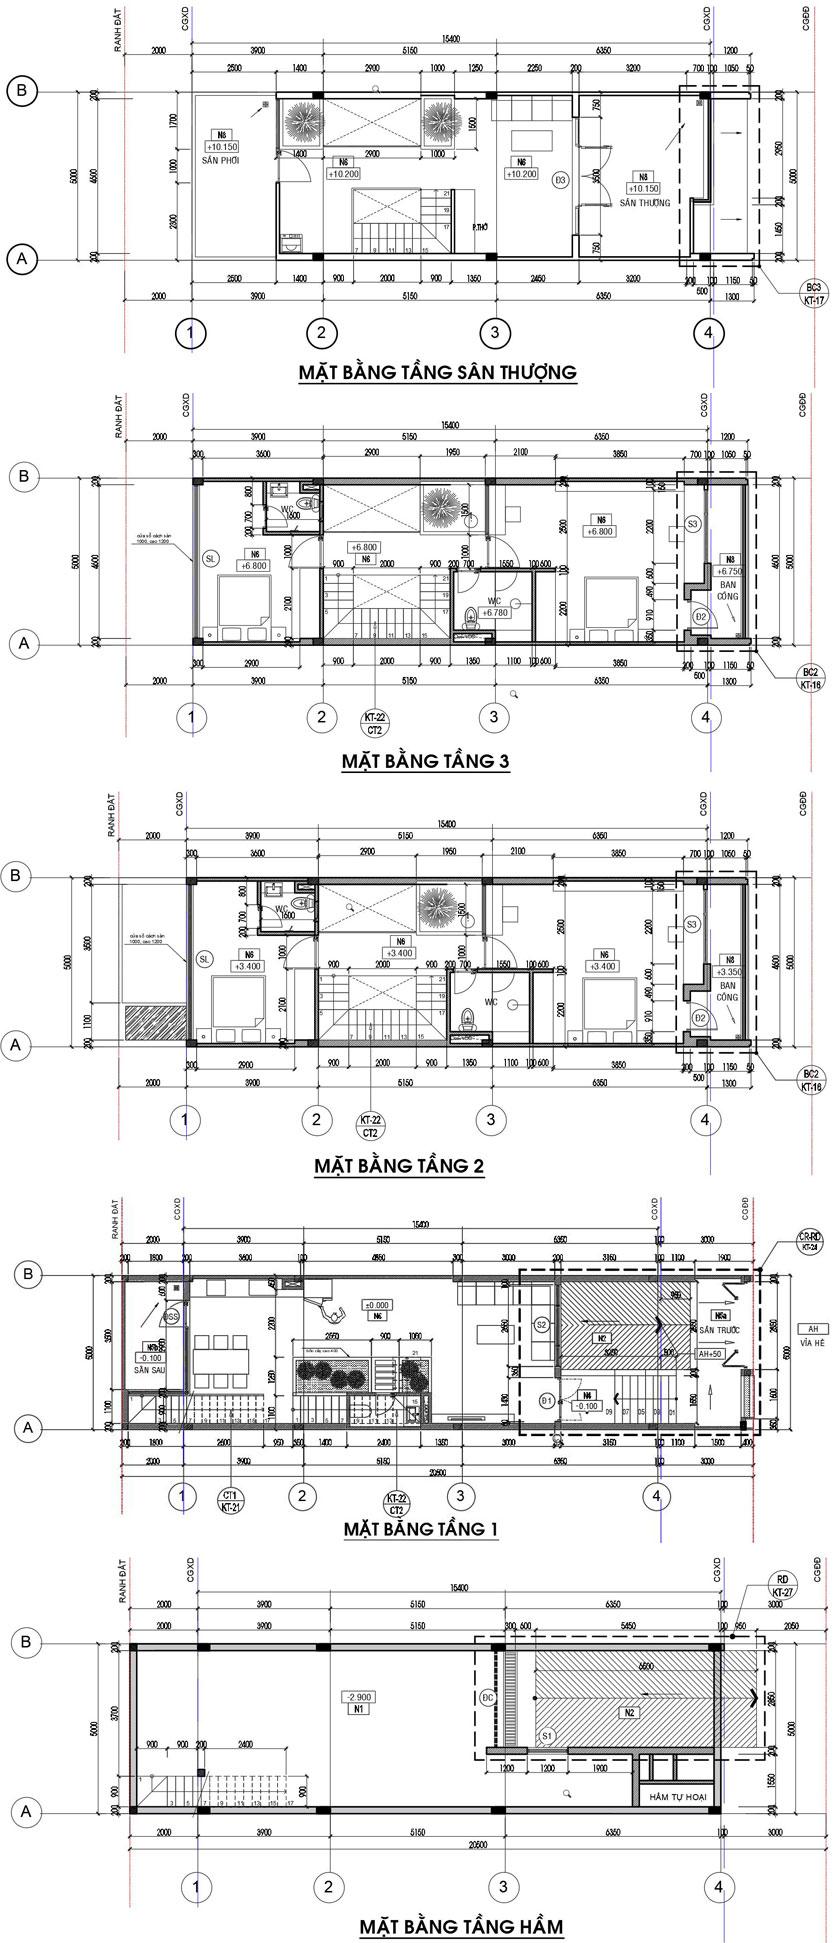 Thiết kế xây dựng nhà phố 4 tầng 1 hầm tại Quận Thủ Đức TpHCM